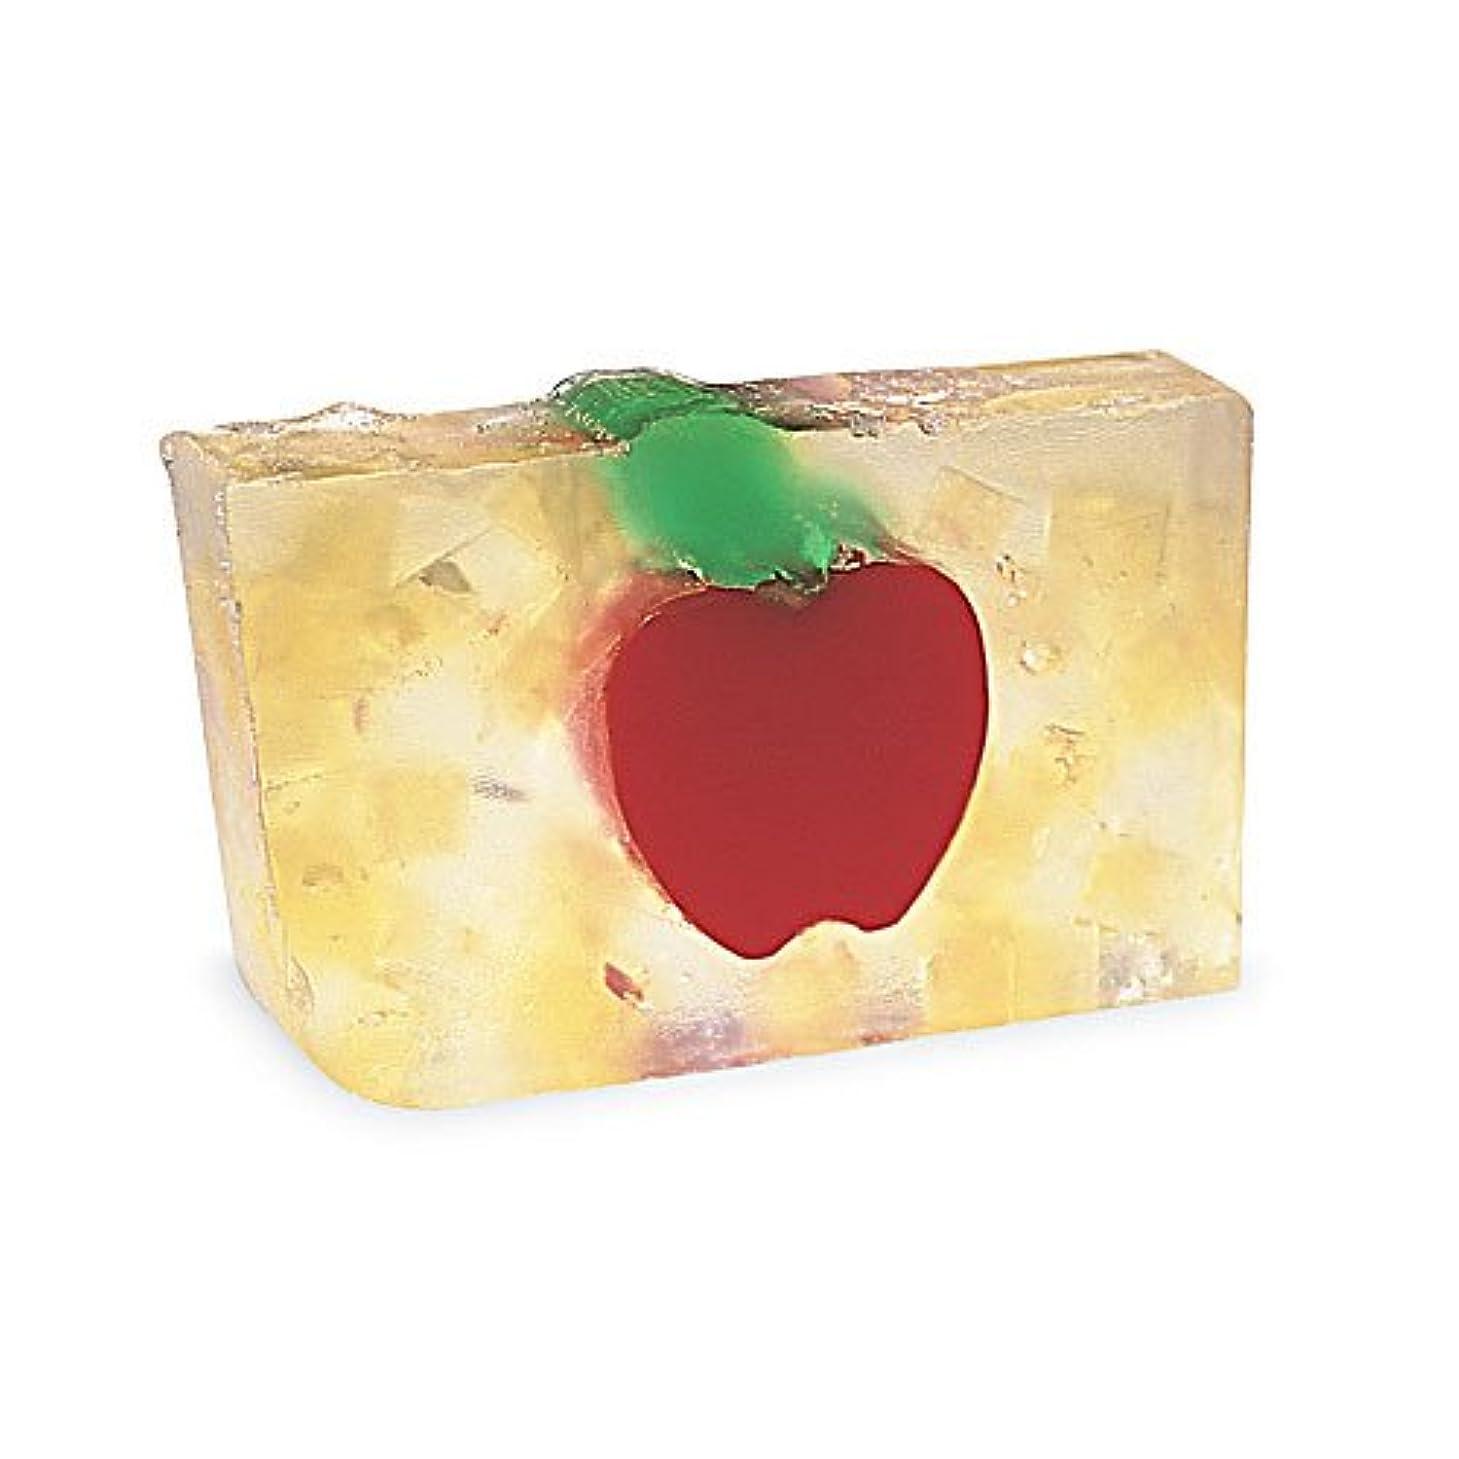 噴火袋オッズプライモールエレメンツ アロマティック ソープ ビッグアップル 180g 植物性 ナチュラル 石鹸 無添加